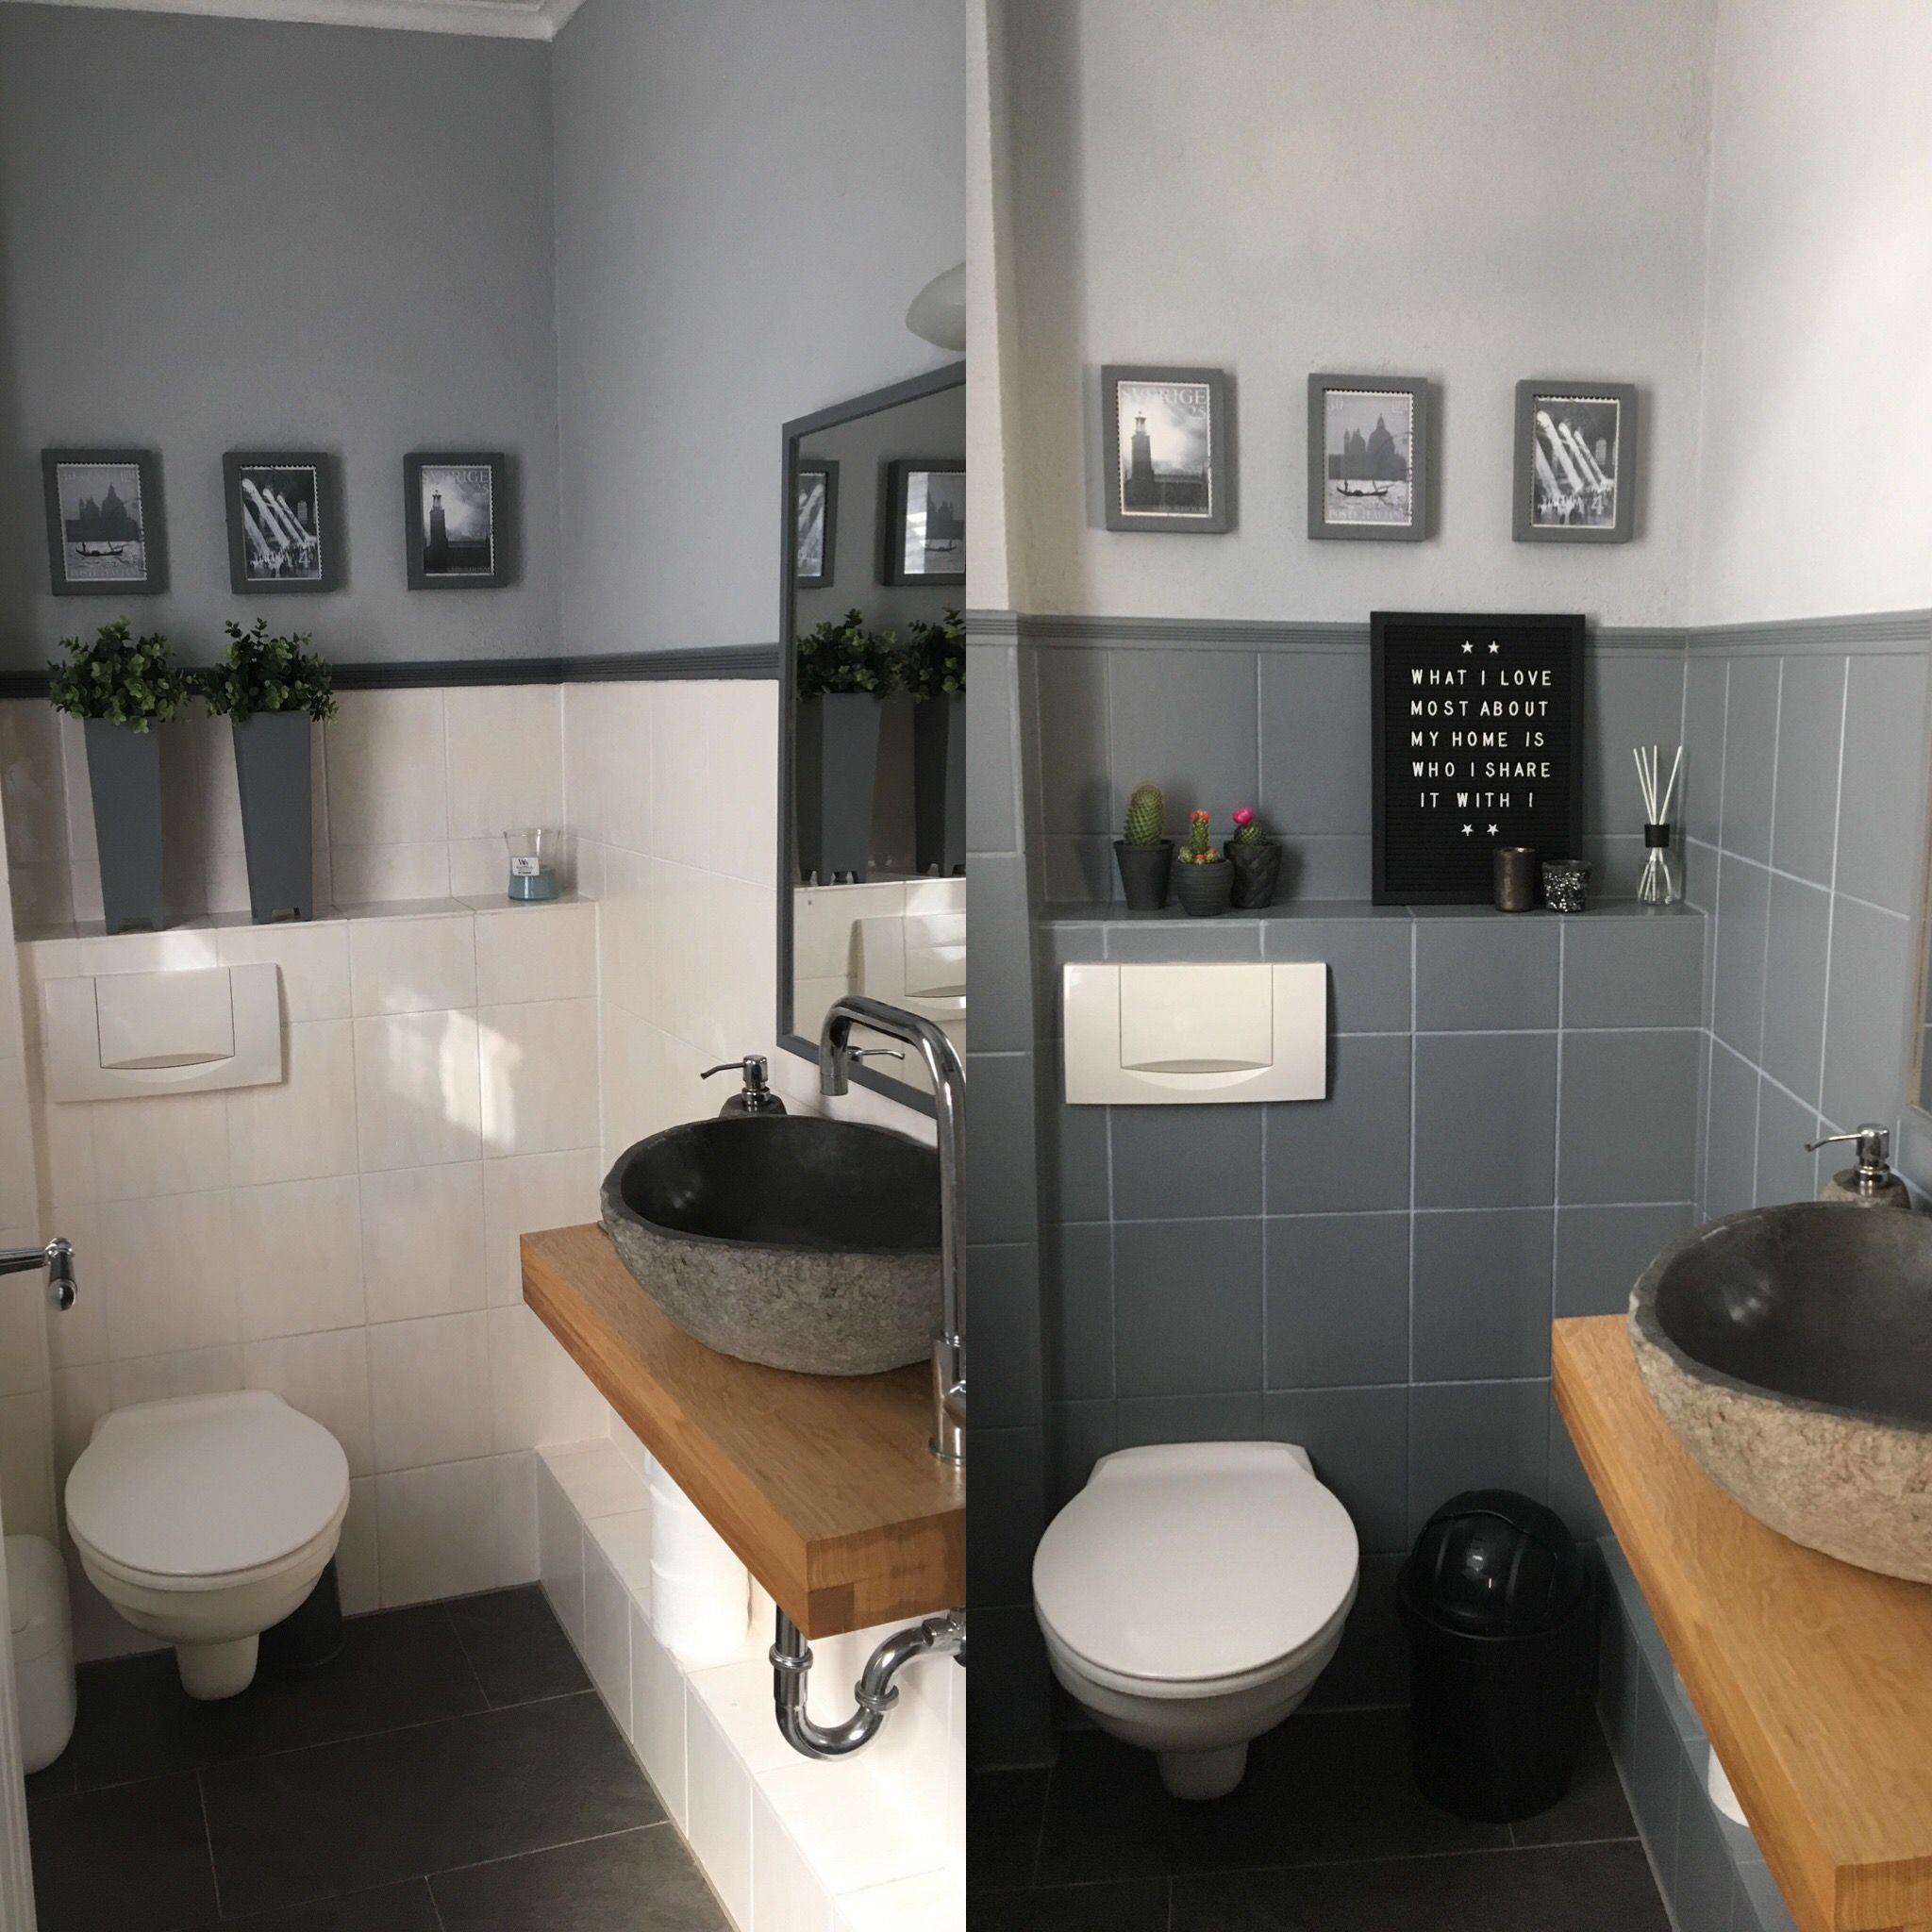 Du Kannst Dir Keine Neuen Fliesen Leisten Dann Streiche Sie Doch Einfach Lies Hier Den Blog Kleines Wc Zimmer Fliesen Streichen Badezimmerideen